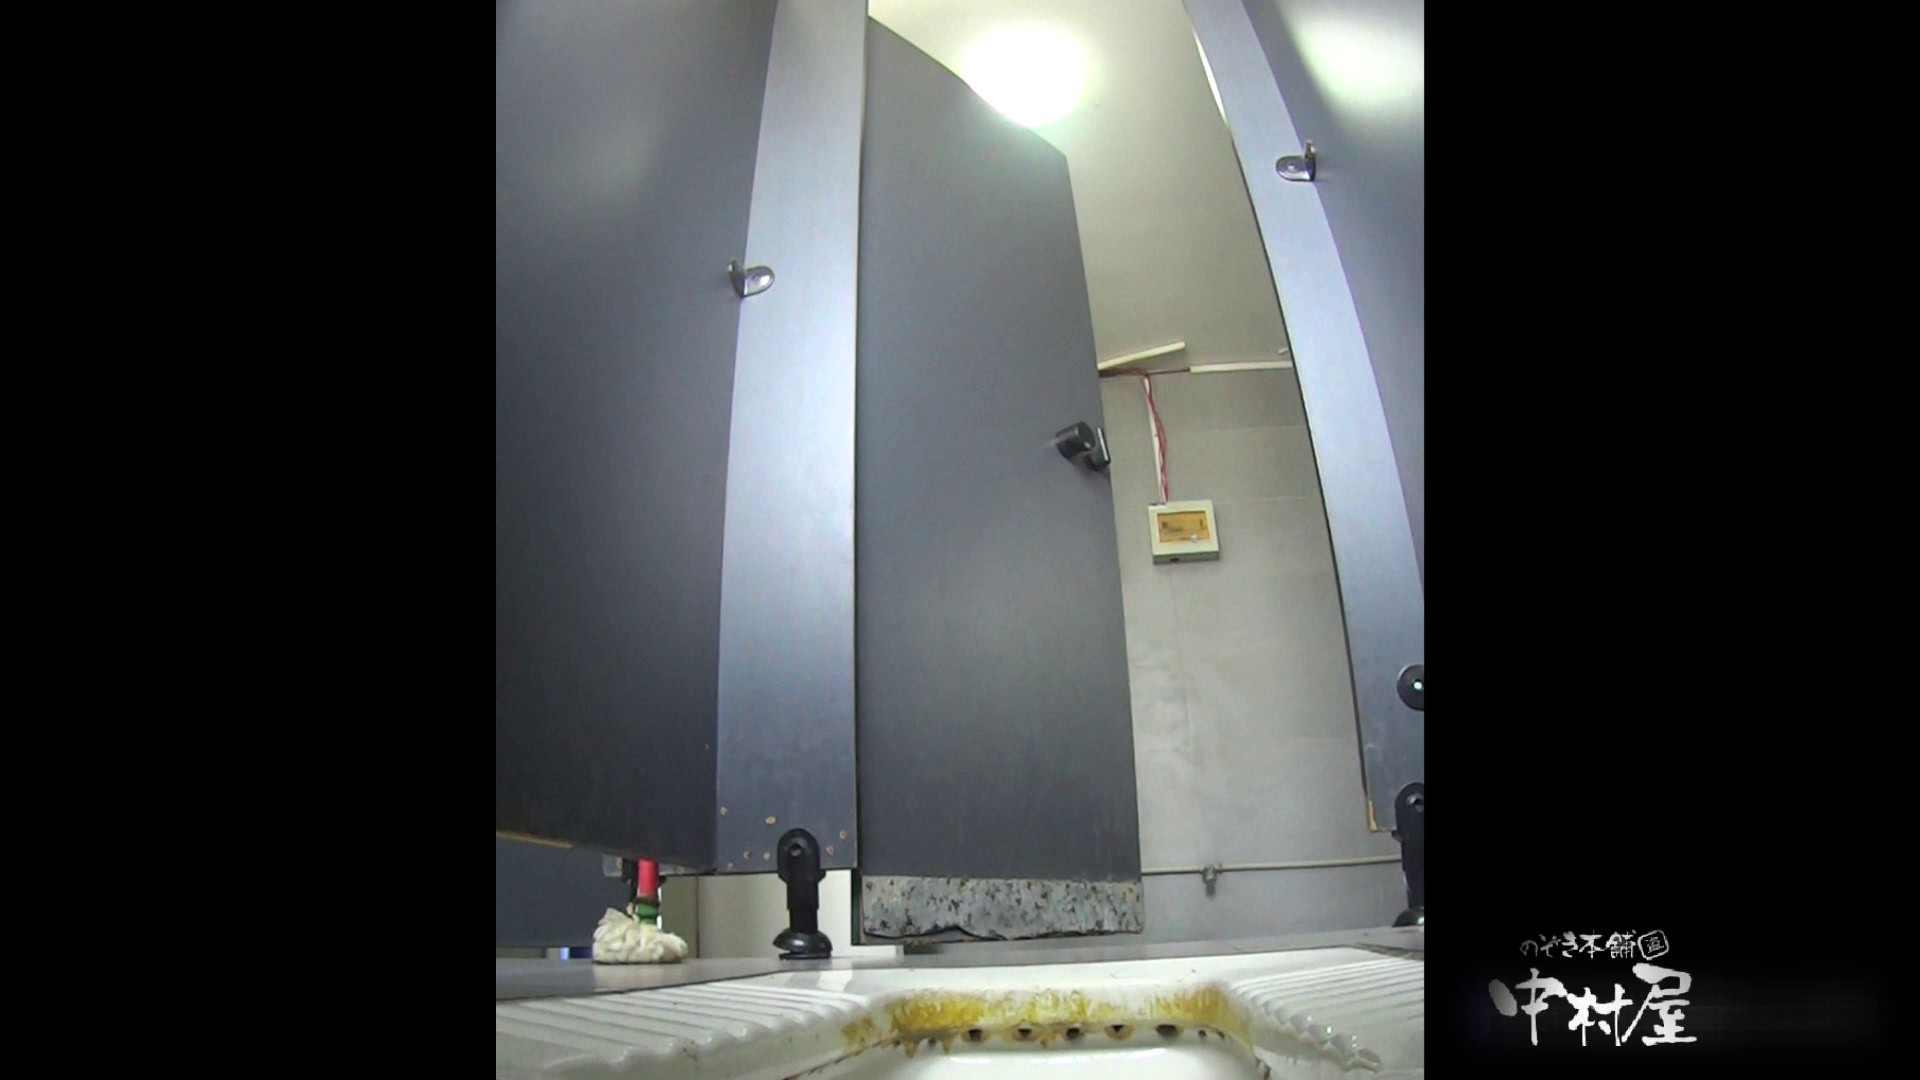 高画質で見る美女達の洗面所 大学休憩時間の洗面所事情14 洗面所  41連発 1